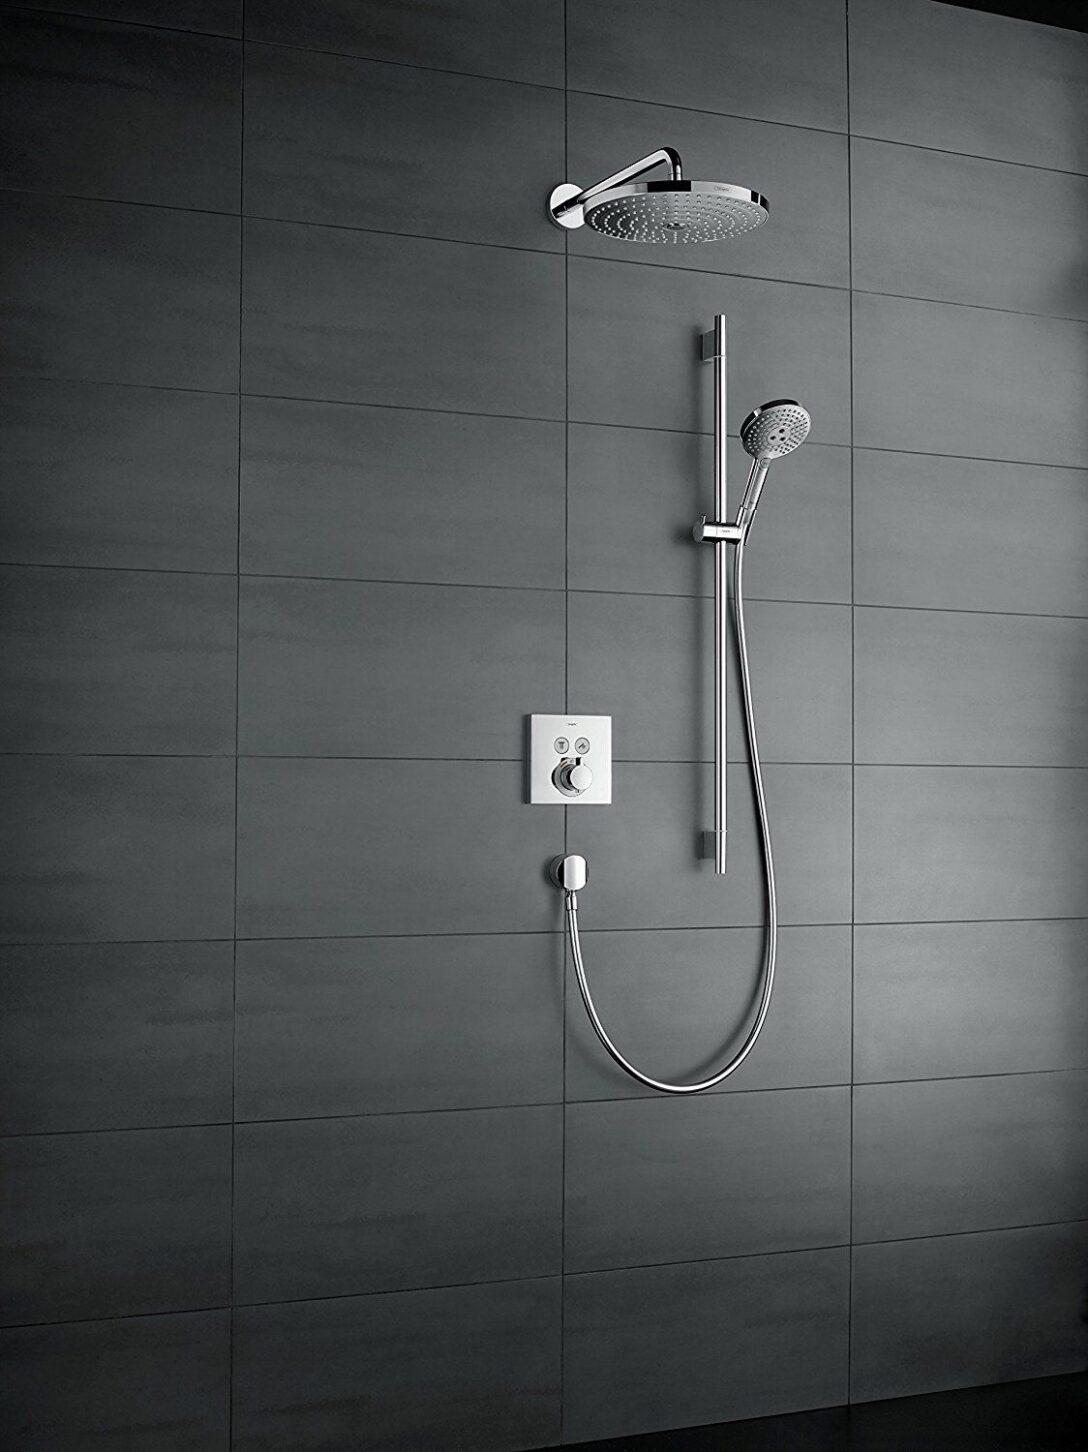 Large Size of Hansgrohe Showerselect Unterputz Thermostat Schulte Duschen Armatur Bad Dusche Ebenerdig Nischentür Begehbare Hüppe Kaufen Grohe Einbauen Siphon Werksverkauf Dusche Dusche Unterputz Armatur